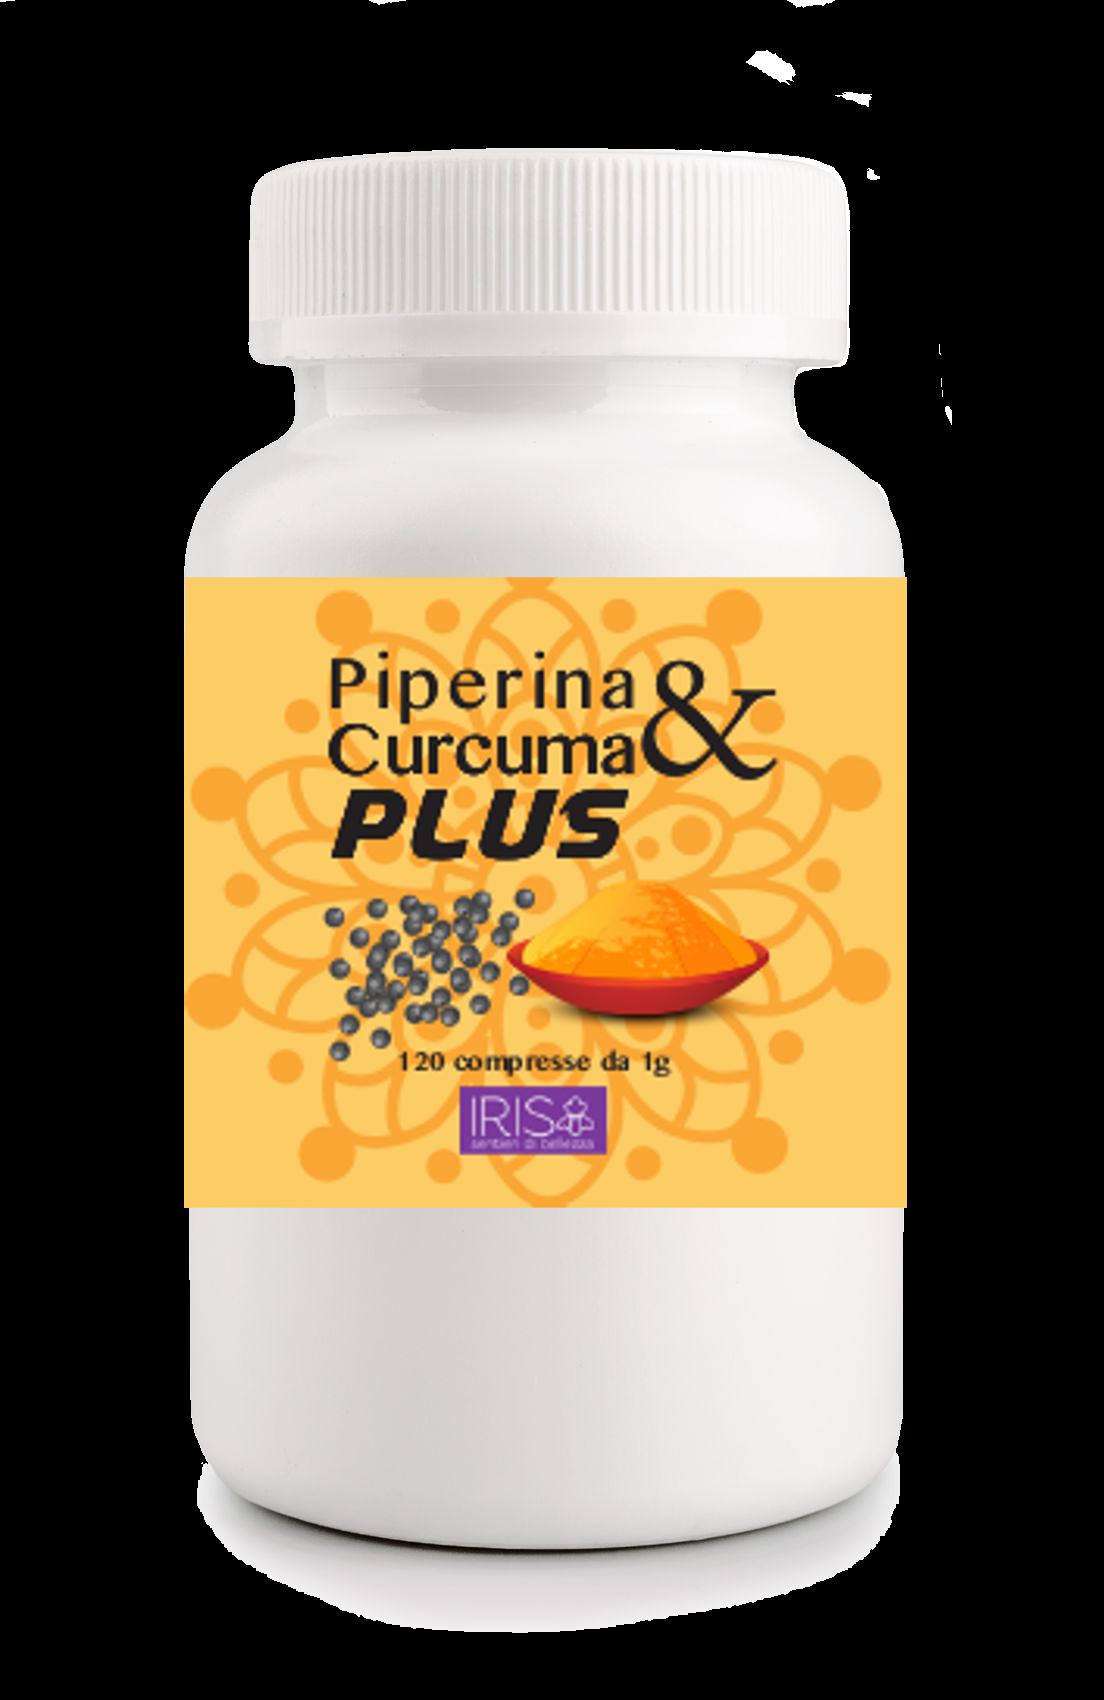 iris-piperina-curcuma-plus-